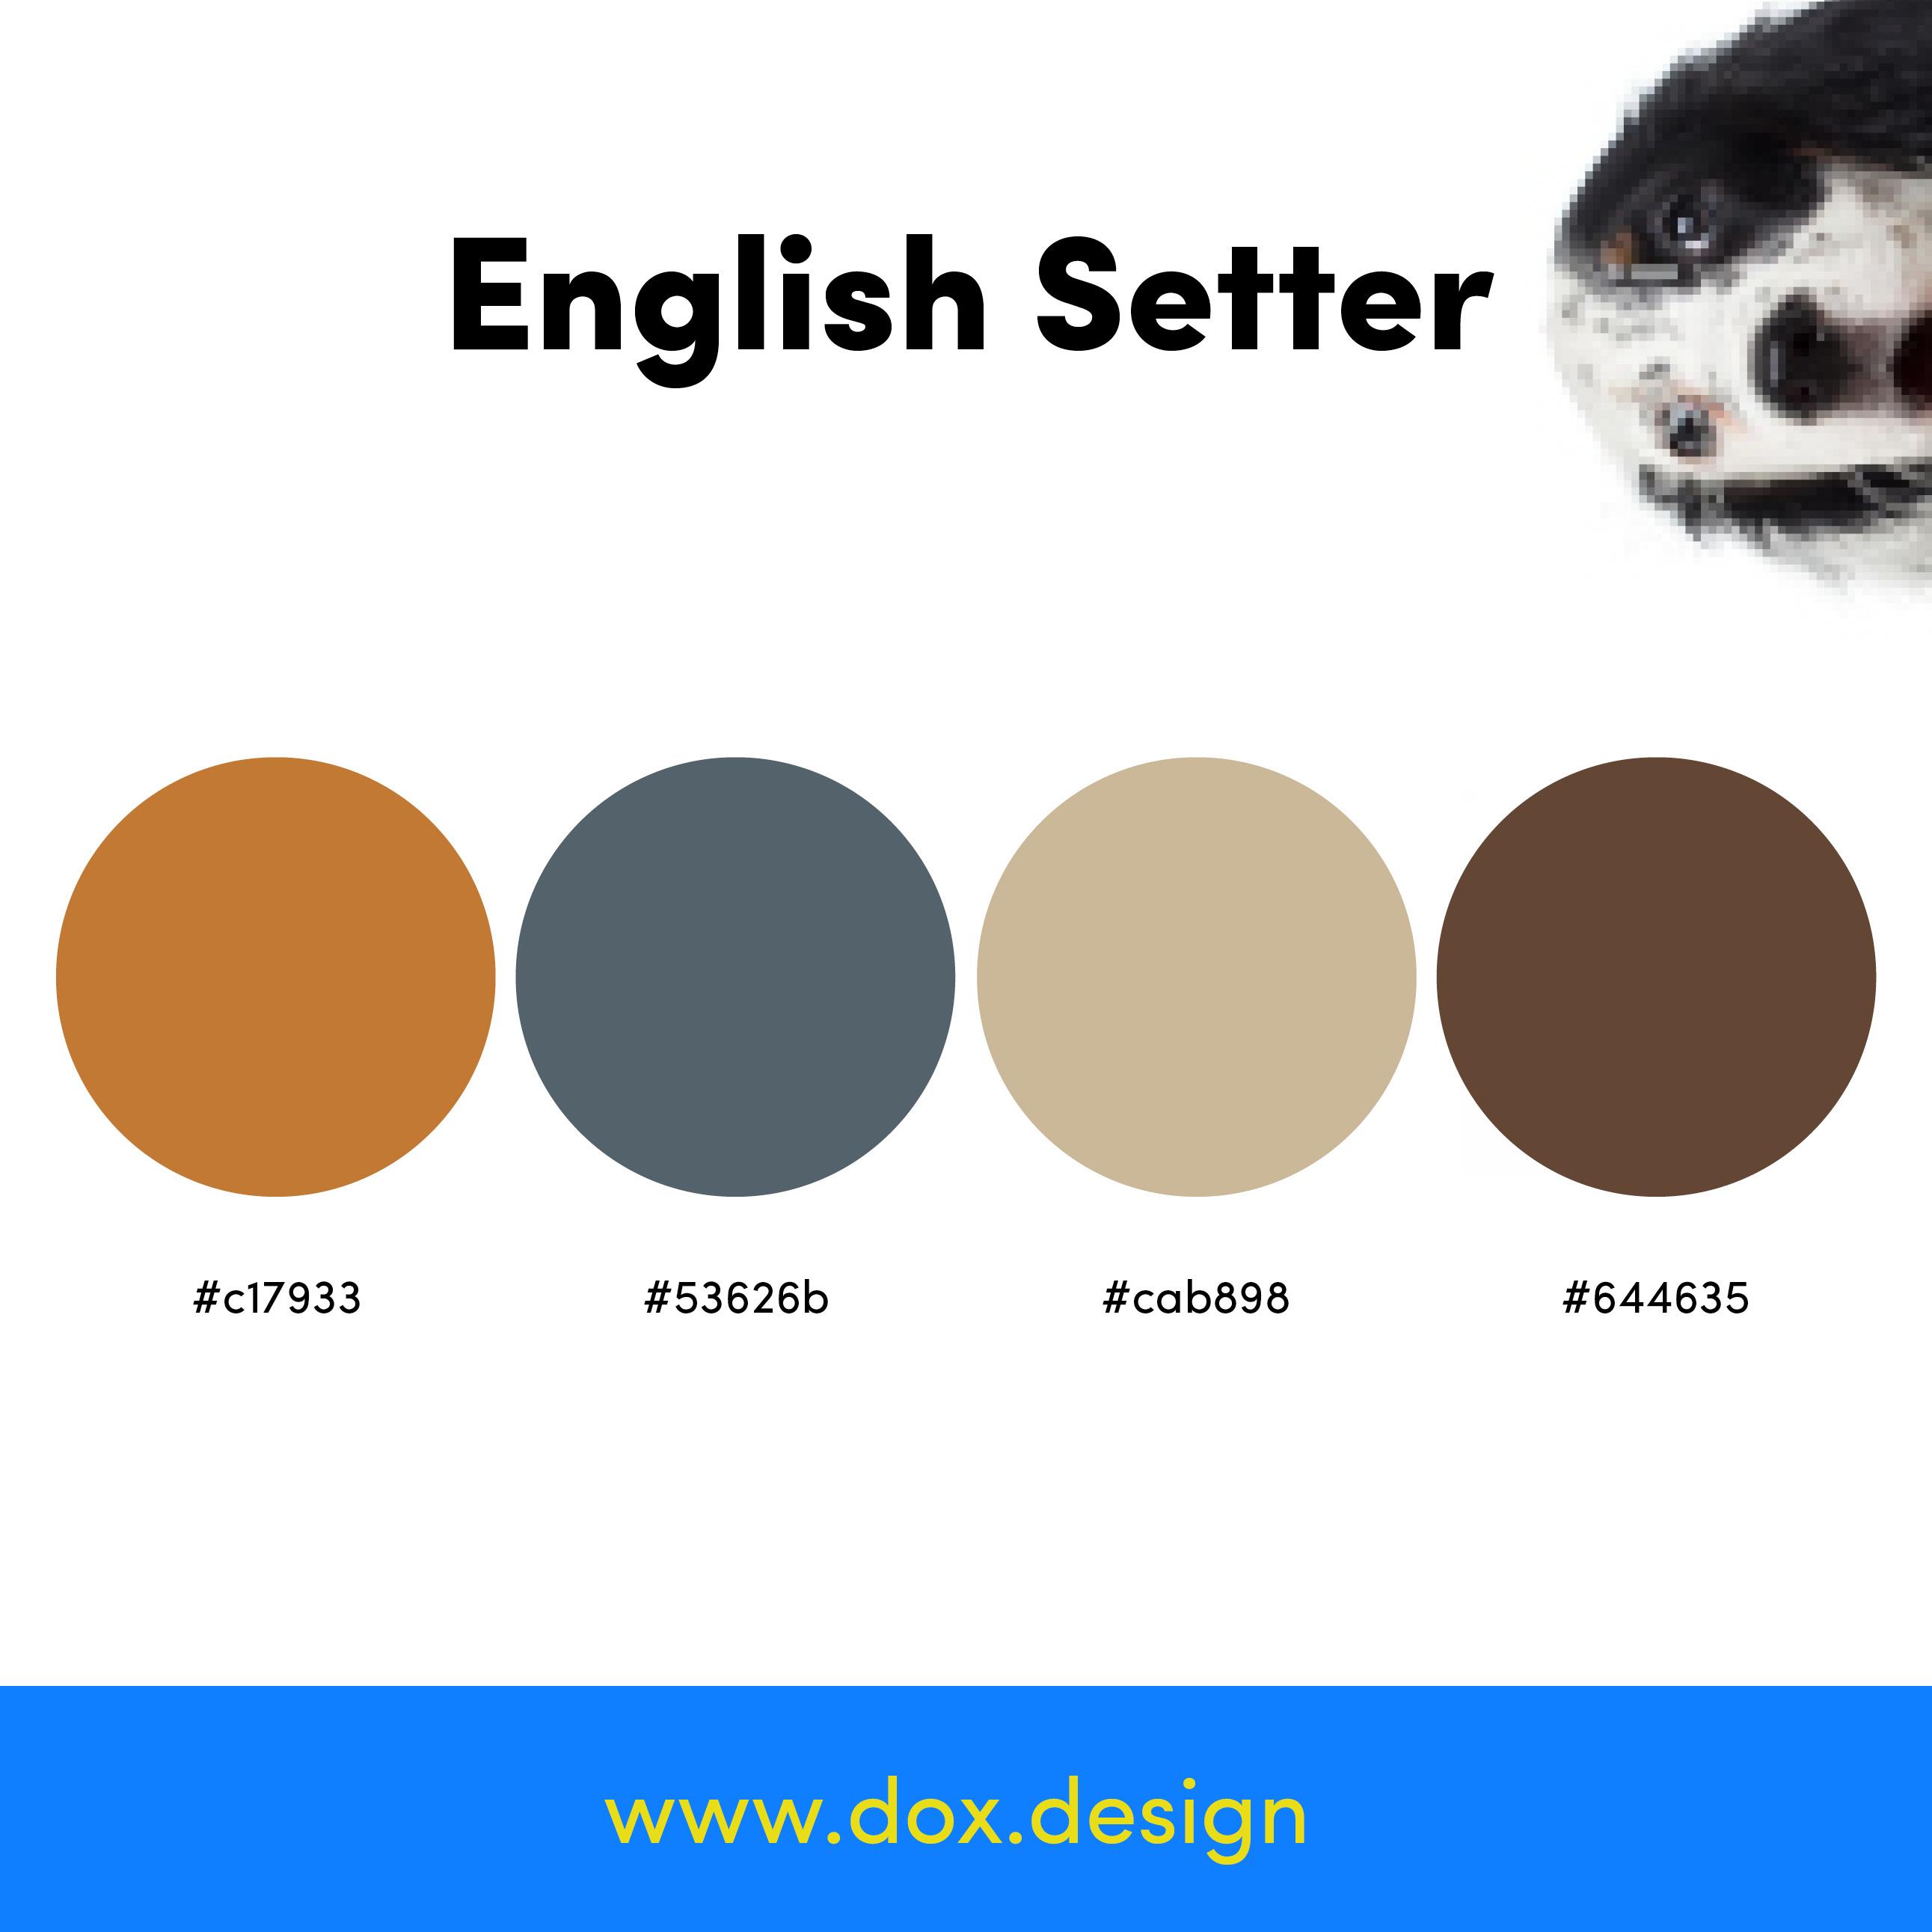 English Setter color palette